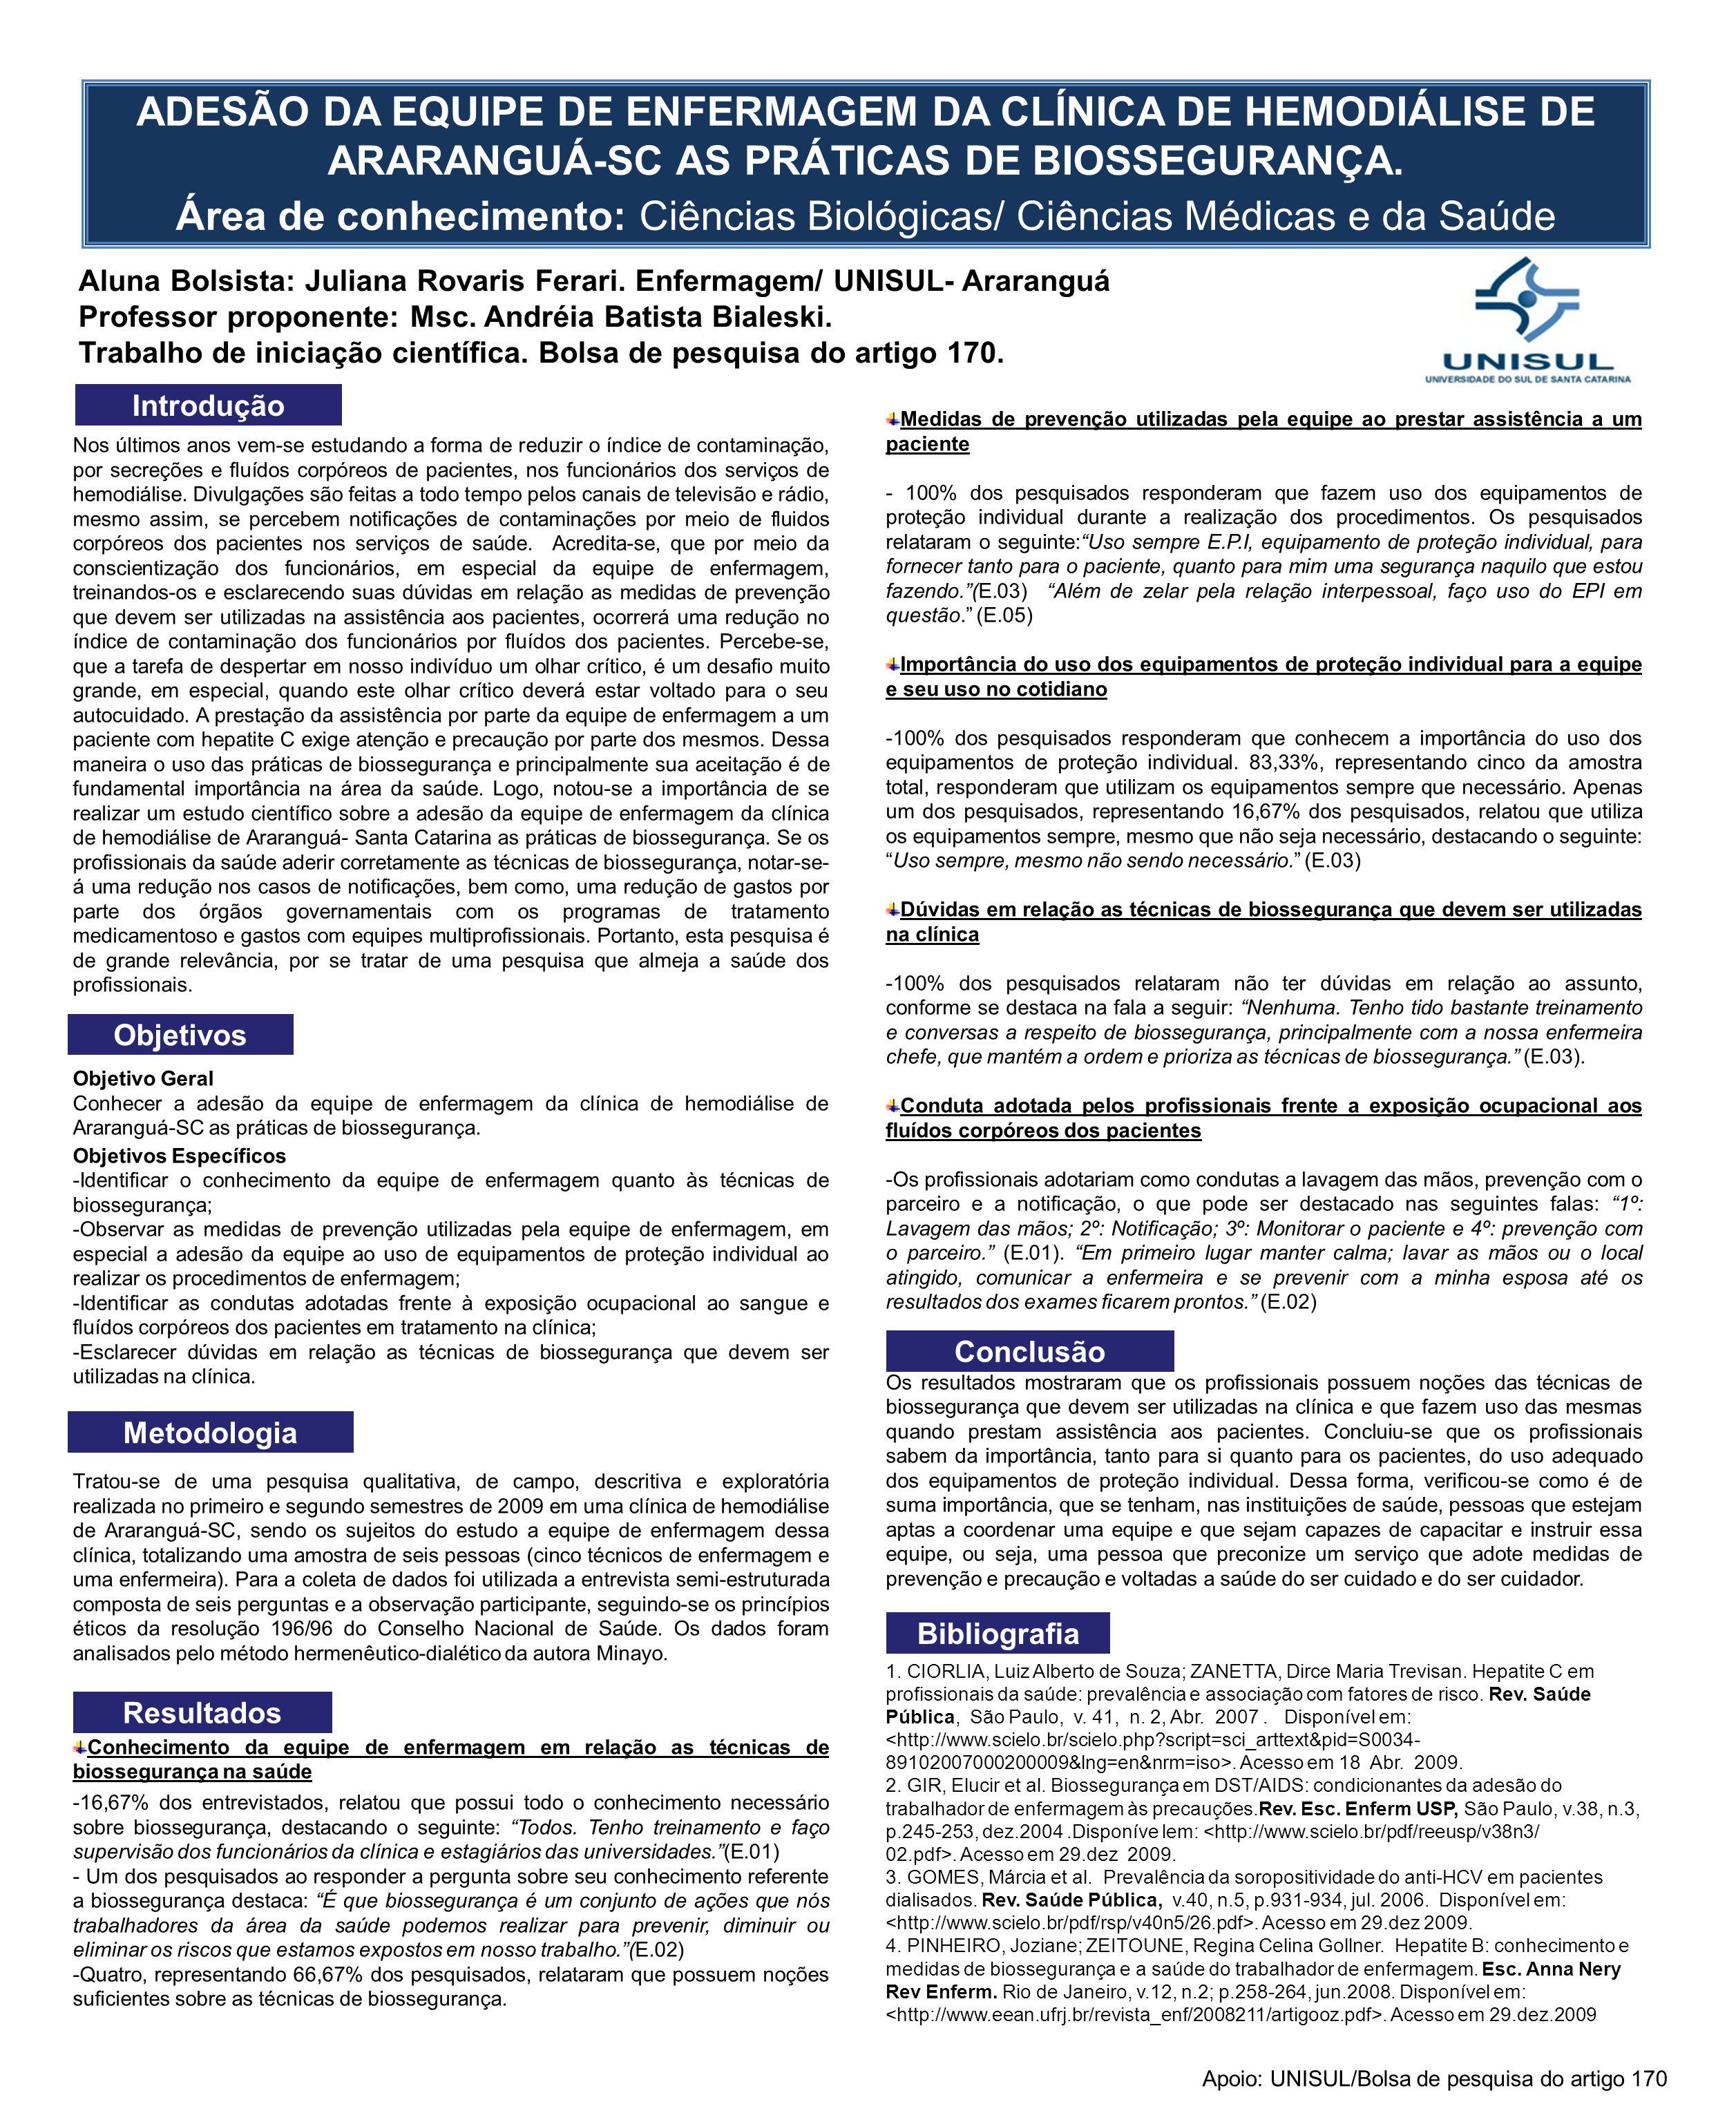 ADESÃO DA EQUIPE DE ENFERMAGEM DA CLÍNICA DE HEMODIÁLISE DE ARARANGUÁ-SC AS PRÁTICAS DE BIOSSEGURANÇA. Área de conhecimento: Ciências Biológicas/ Ciên